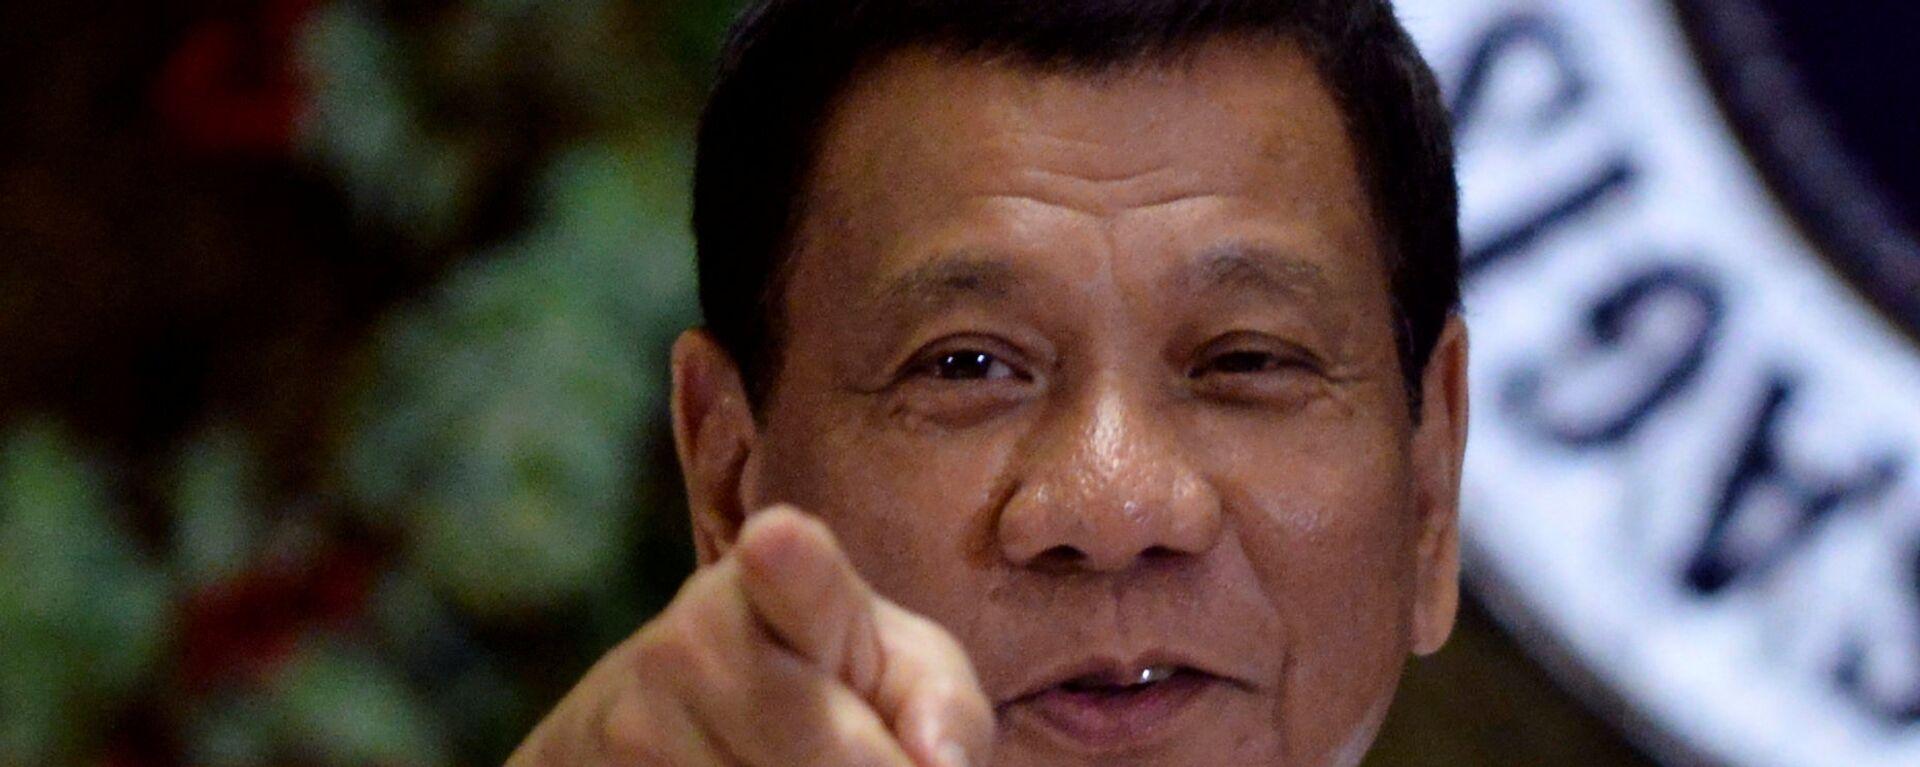 Rodrigo Duterte, presidente de Filipinas - Sputnik Mundo, 1920, 31.07.2020